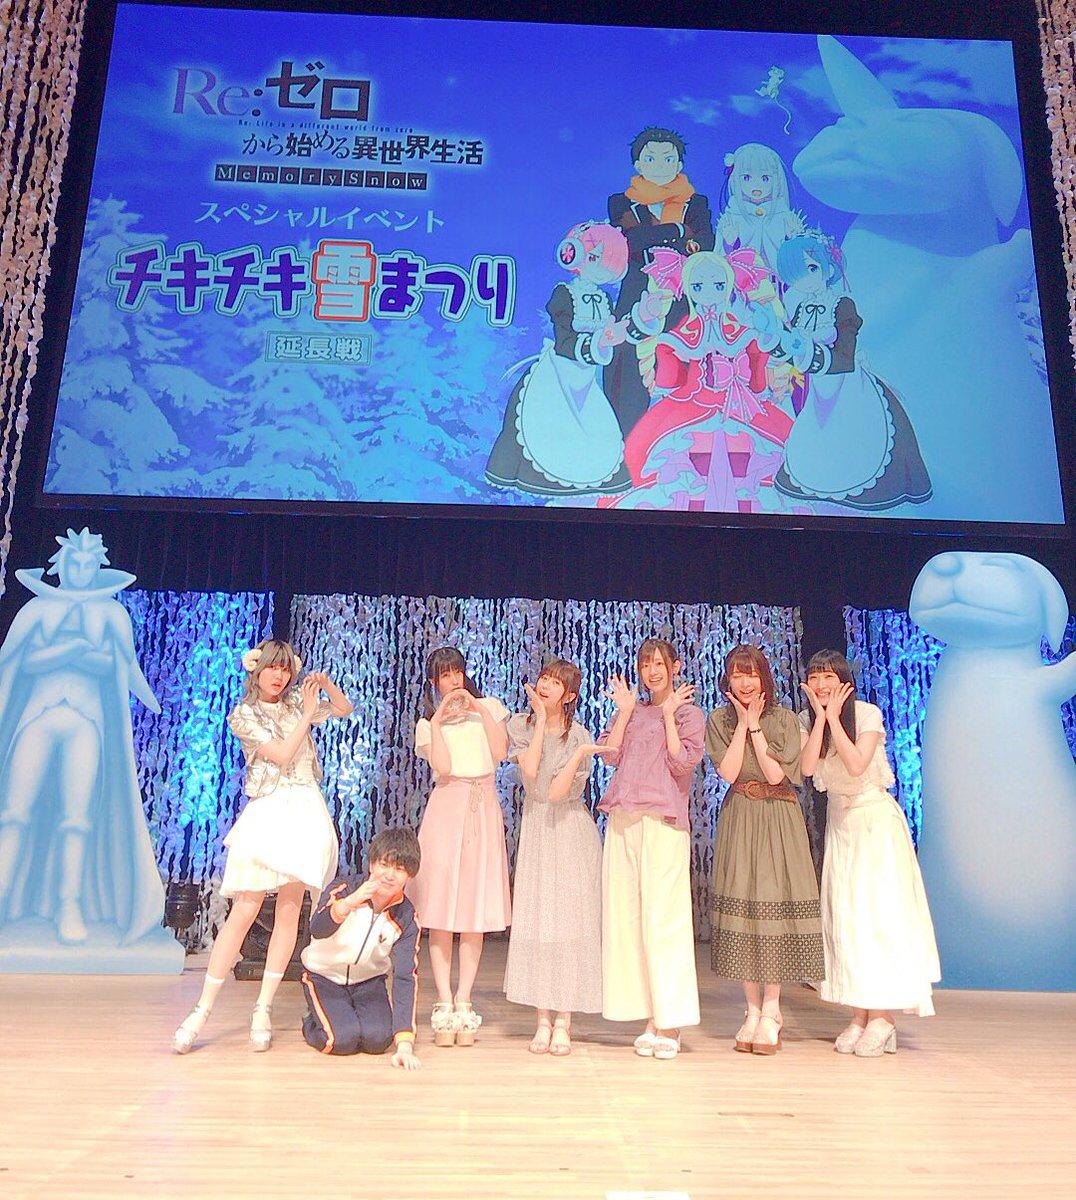 リゼロ Memory Snow スペシャルイベント 昼夜共にありがとうございました!☃️みんなと素敵な思い出を作ることができましたっ!